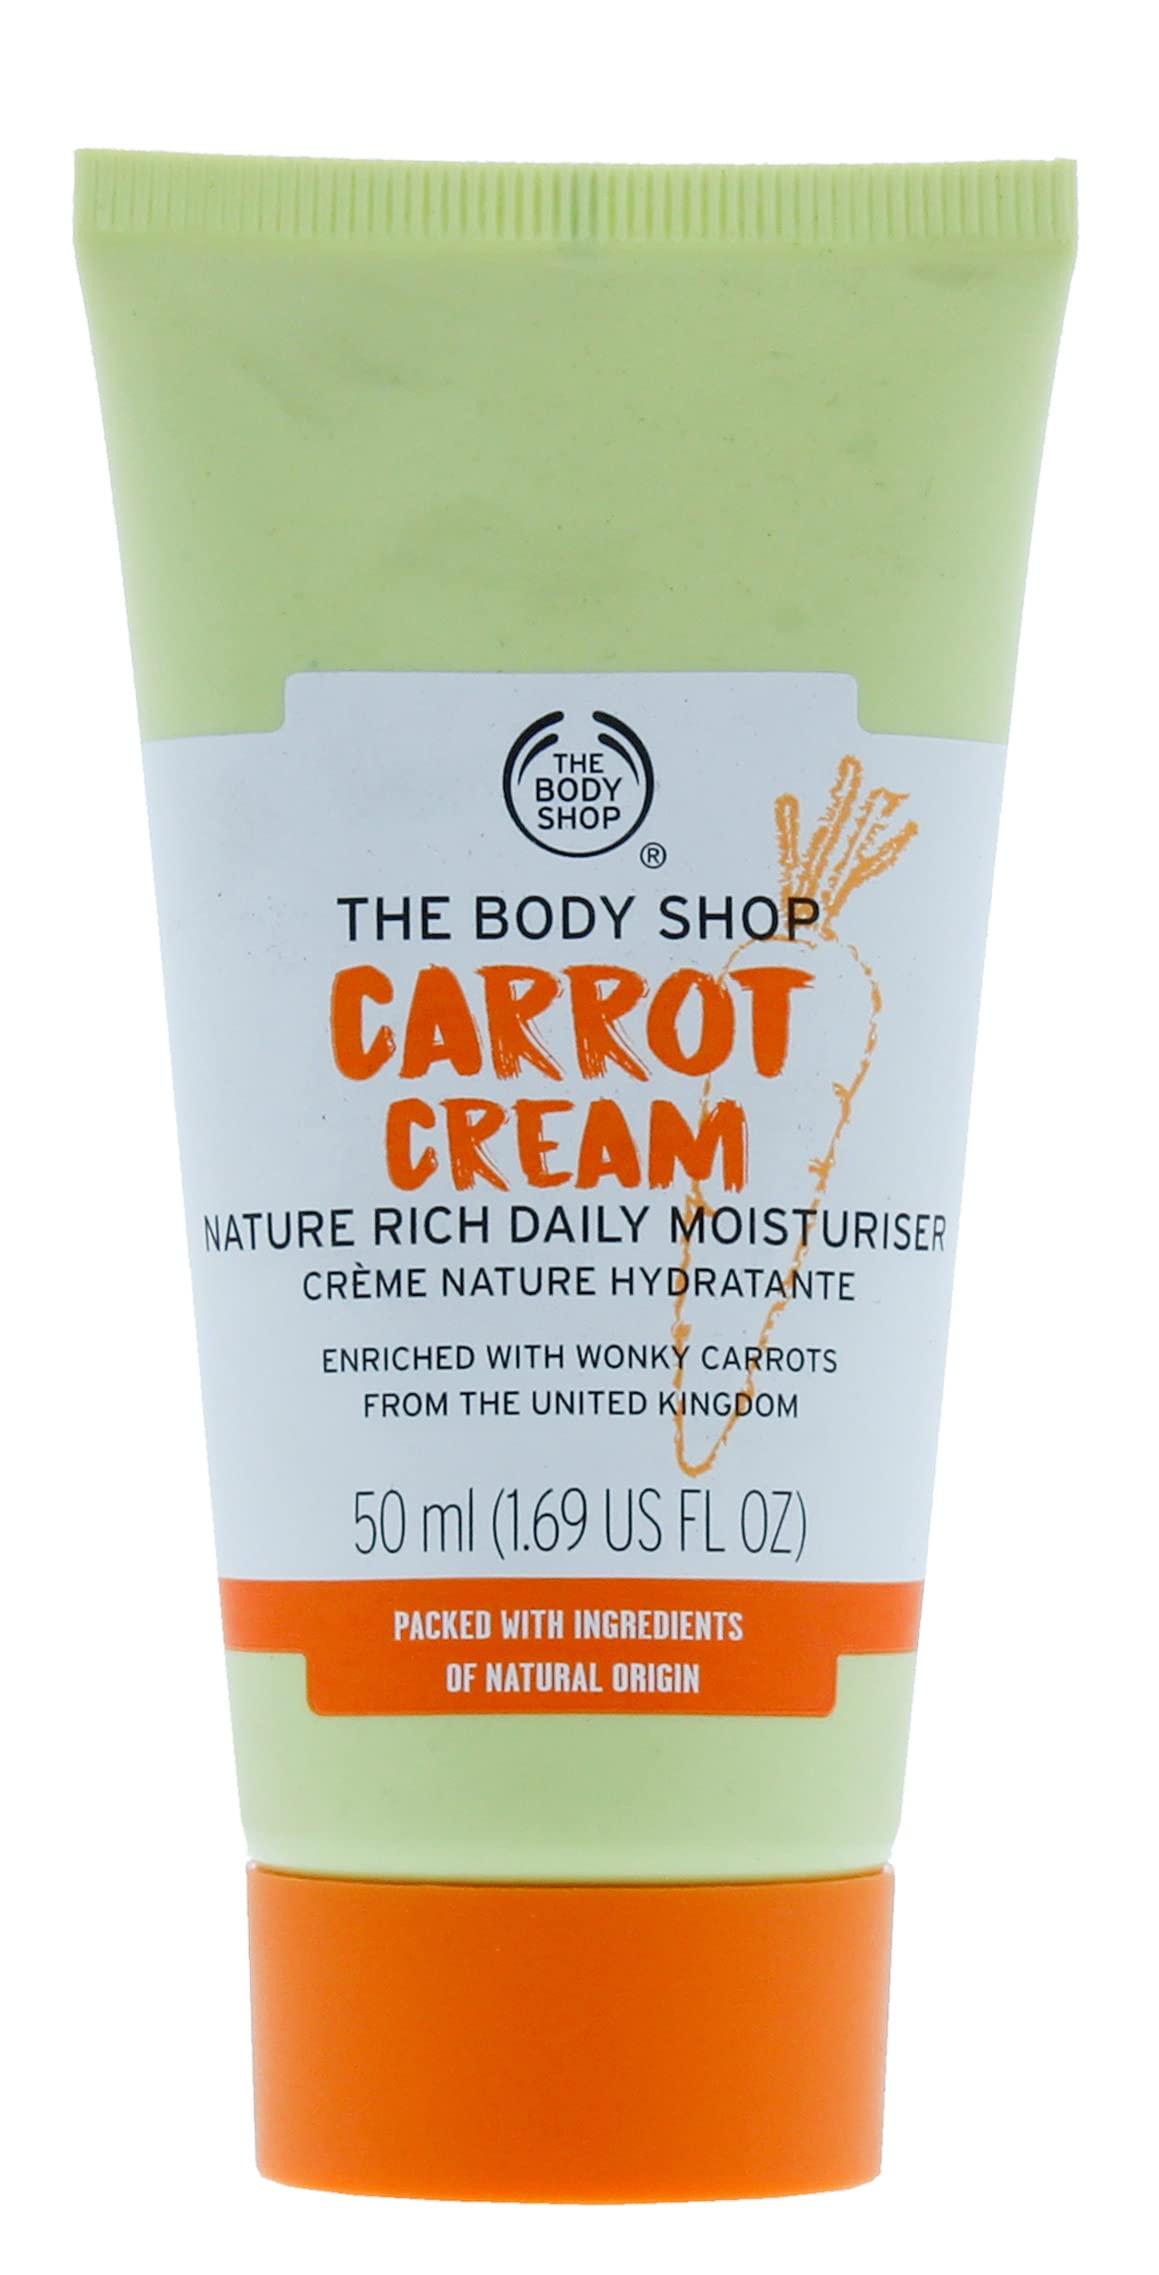 THE BODY SHOP 50Ml Moisturer Carrot Cream